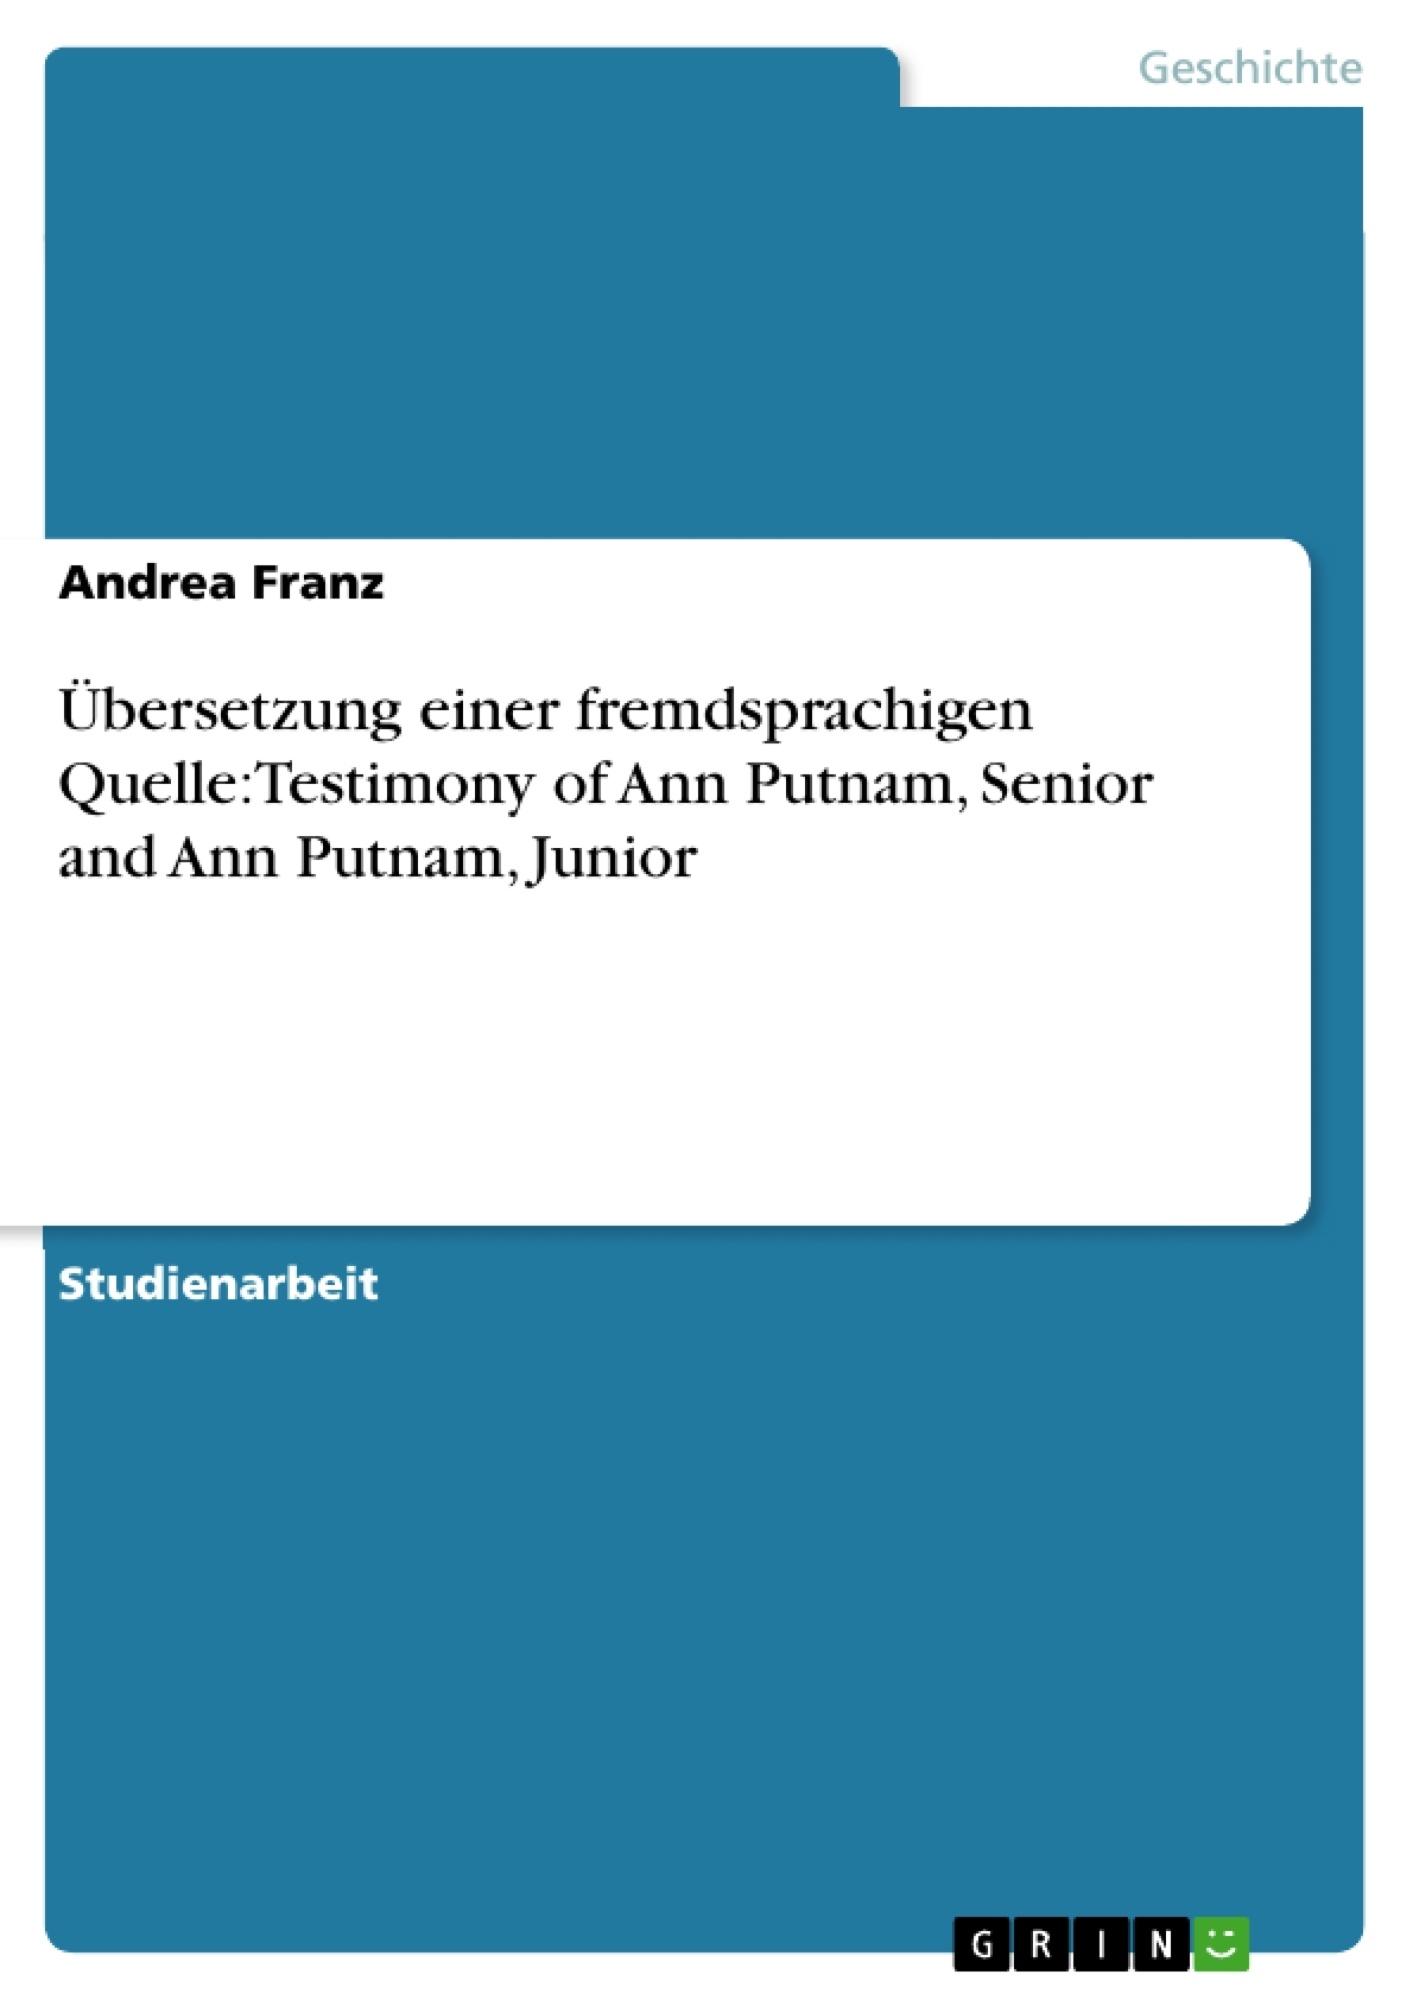 Titel: Übersetzung einer fremdsprachigen Quelle:Testimony of Ann Putnam, Senior and Ann Putnam, Junior